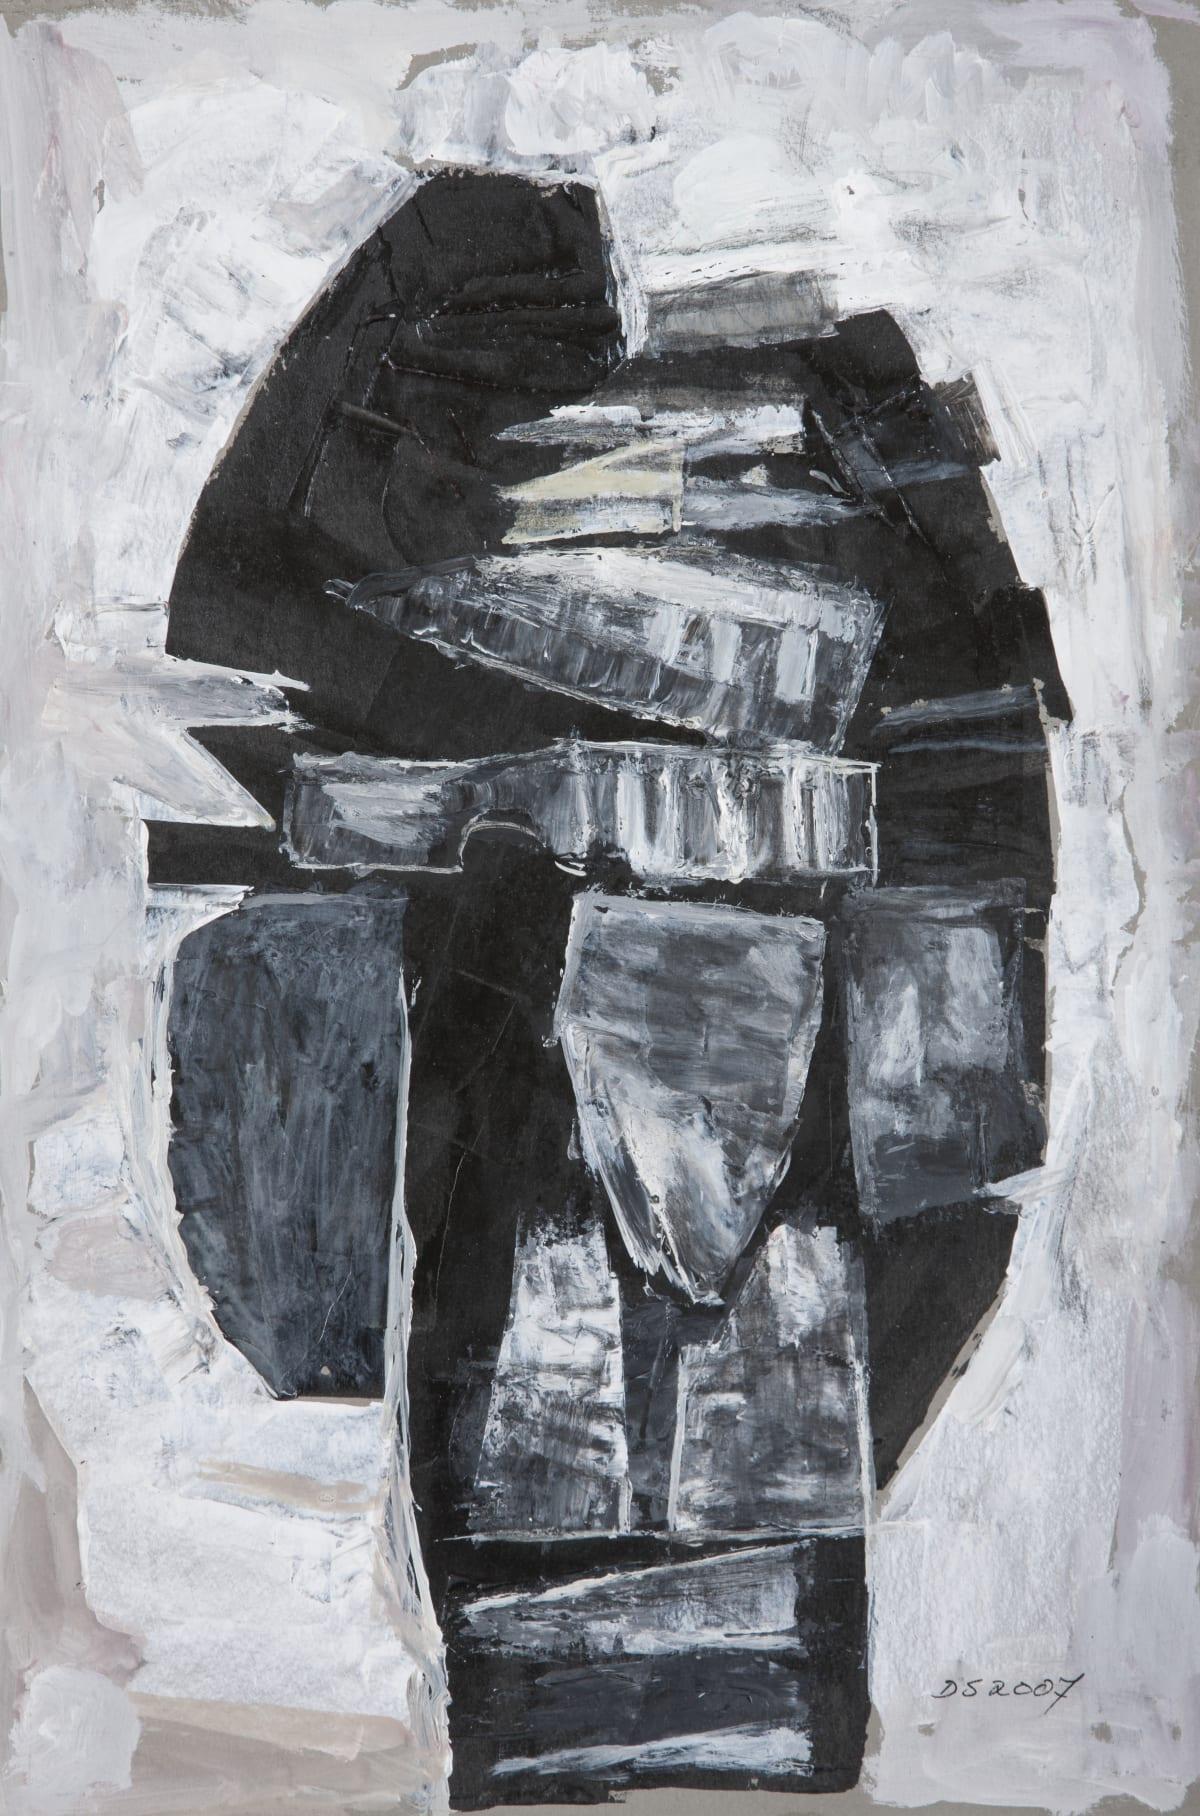 Derek Stafford, Stone Formation, 2007